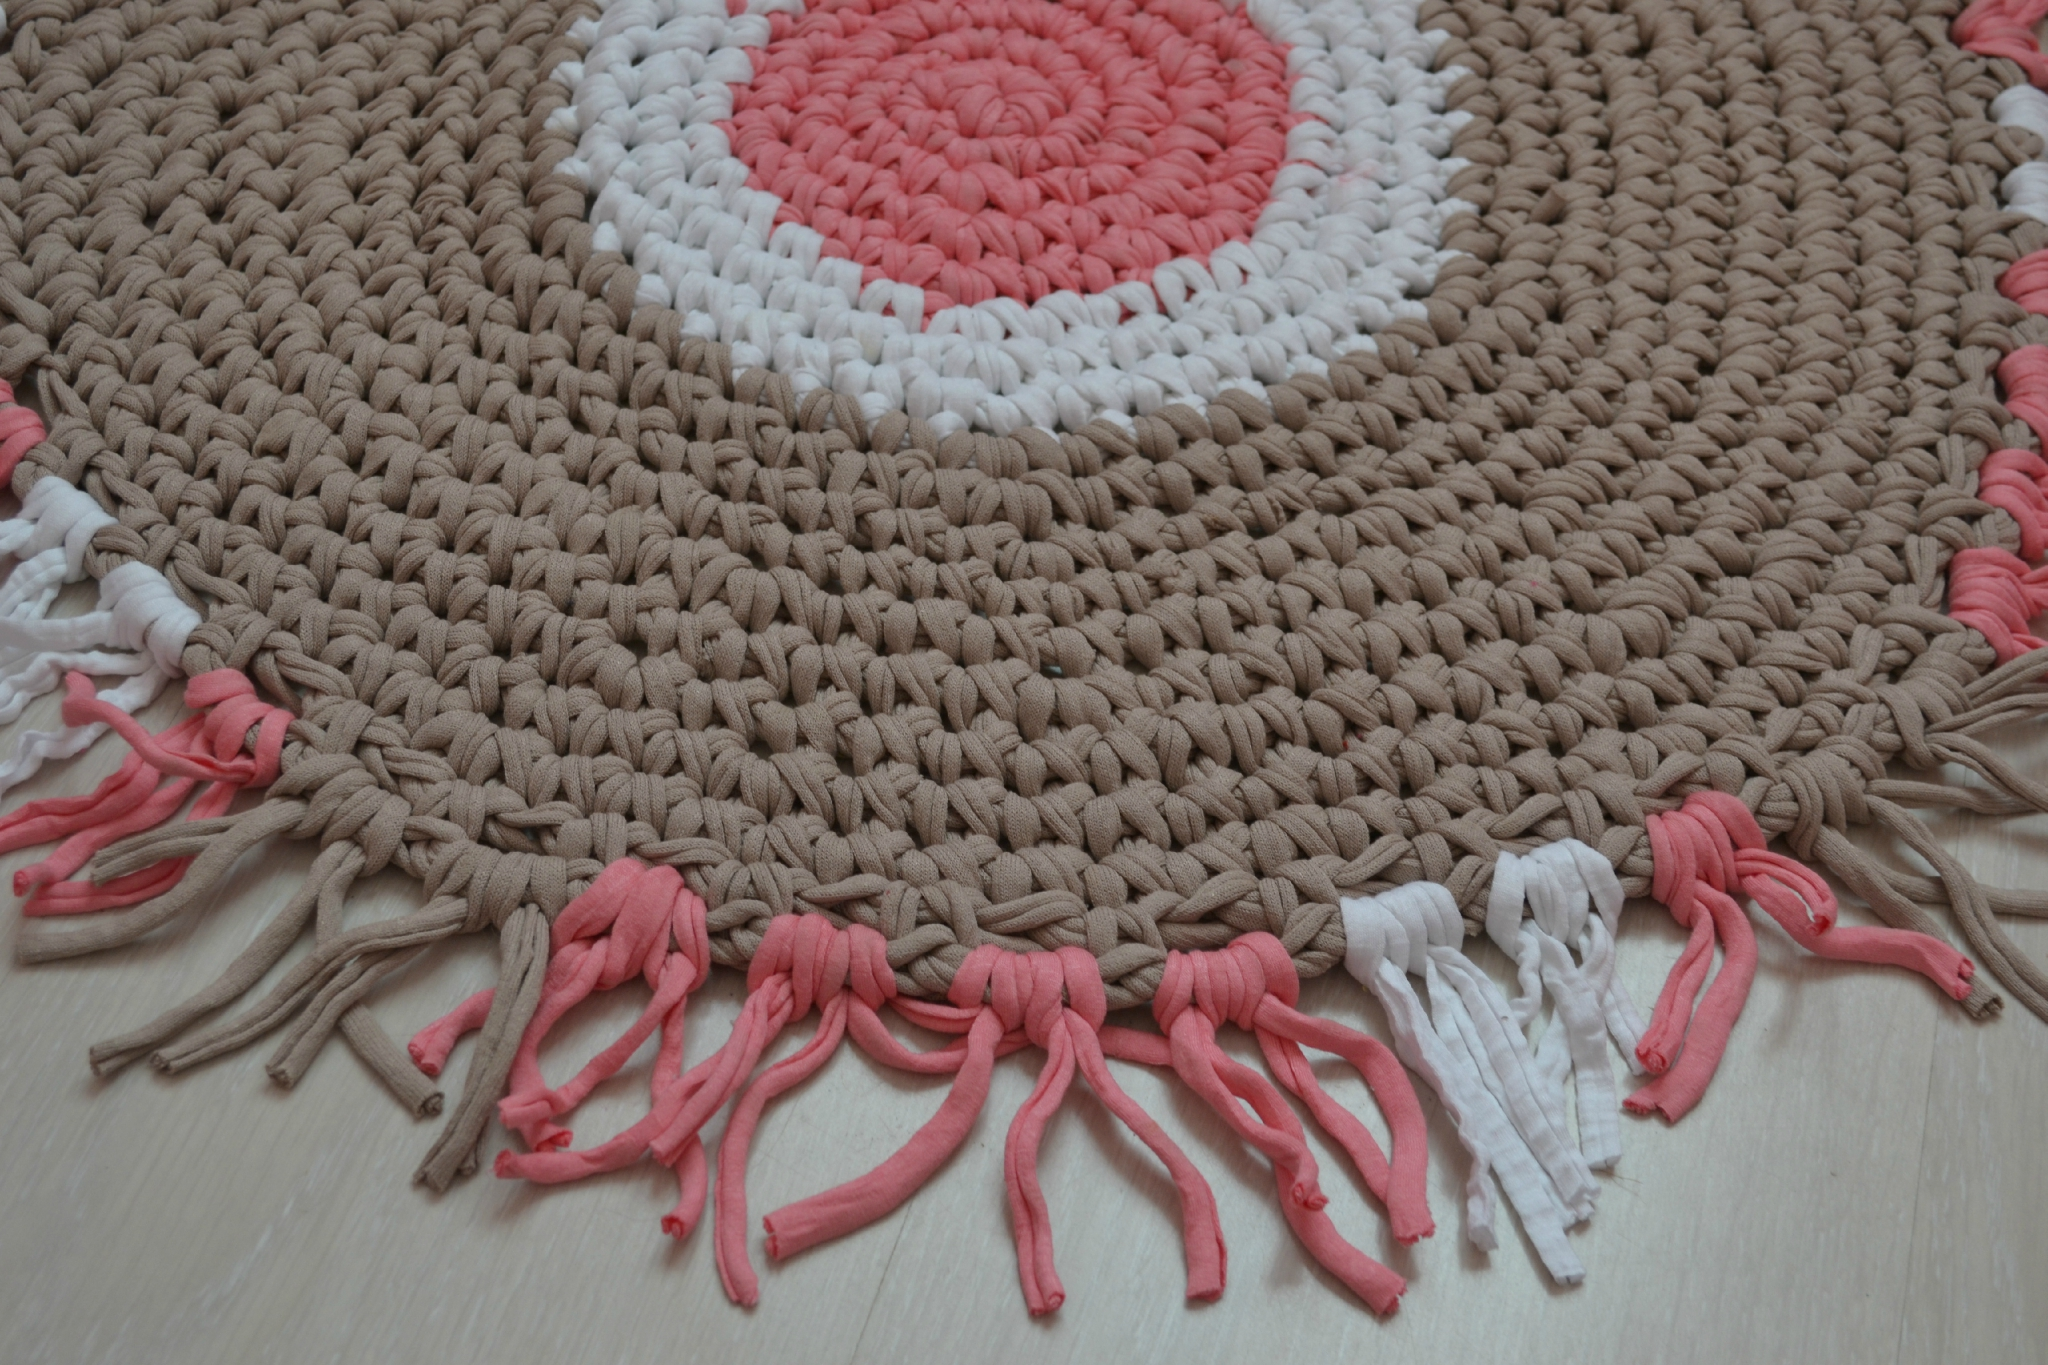 Carrelage Design tapis crochet : Photos (suite) pour Tuto tapis ovale crochet